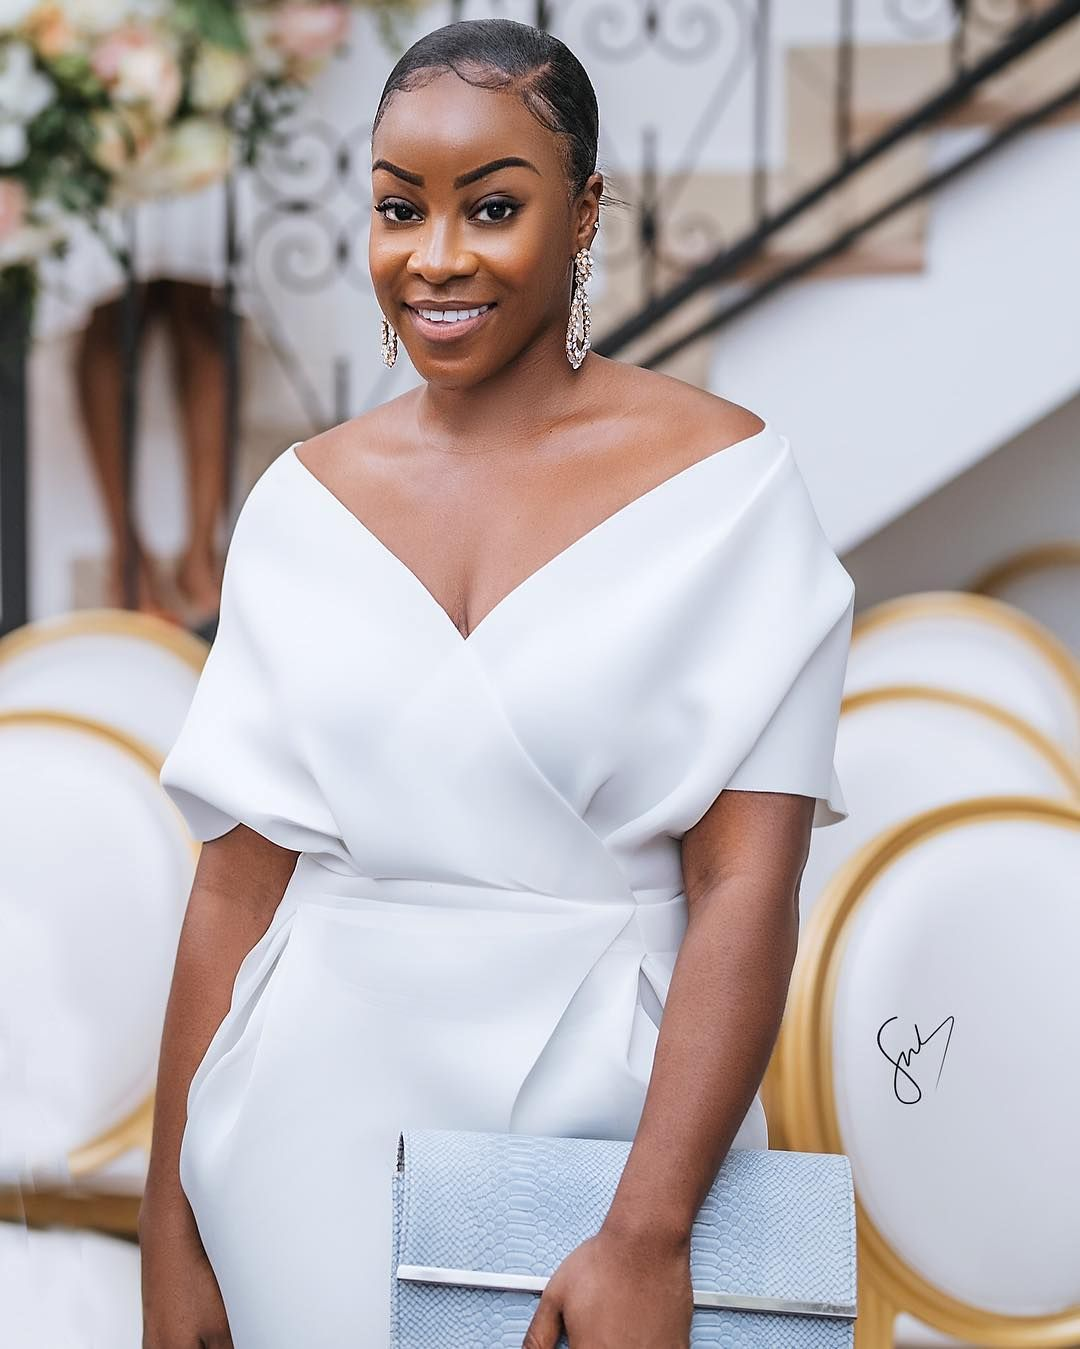 We Love Ghana Weddings On Instagram Beautiful Wedding Guest See More On Ghanaweddingmarket Ghana Wedding Wedding Guest Dress White Wedding Guest Dresses